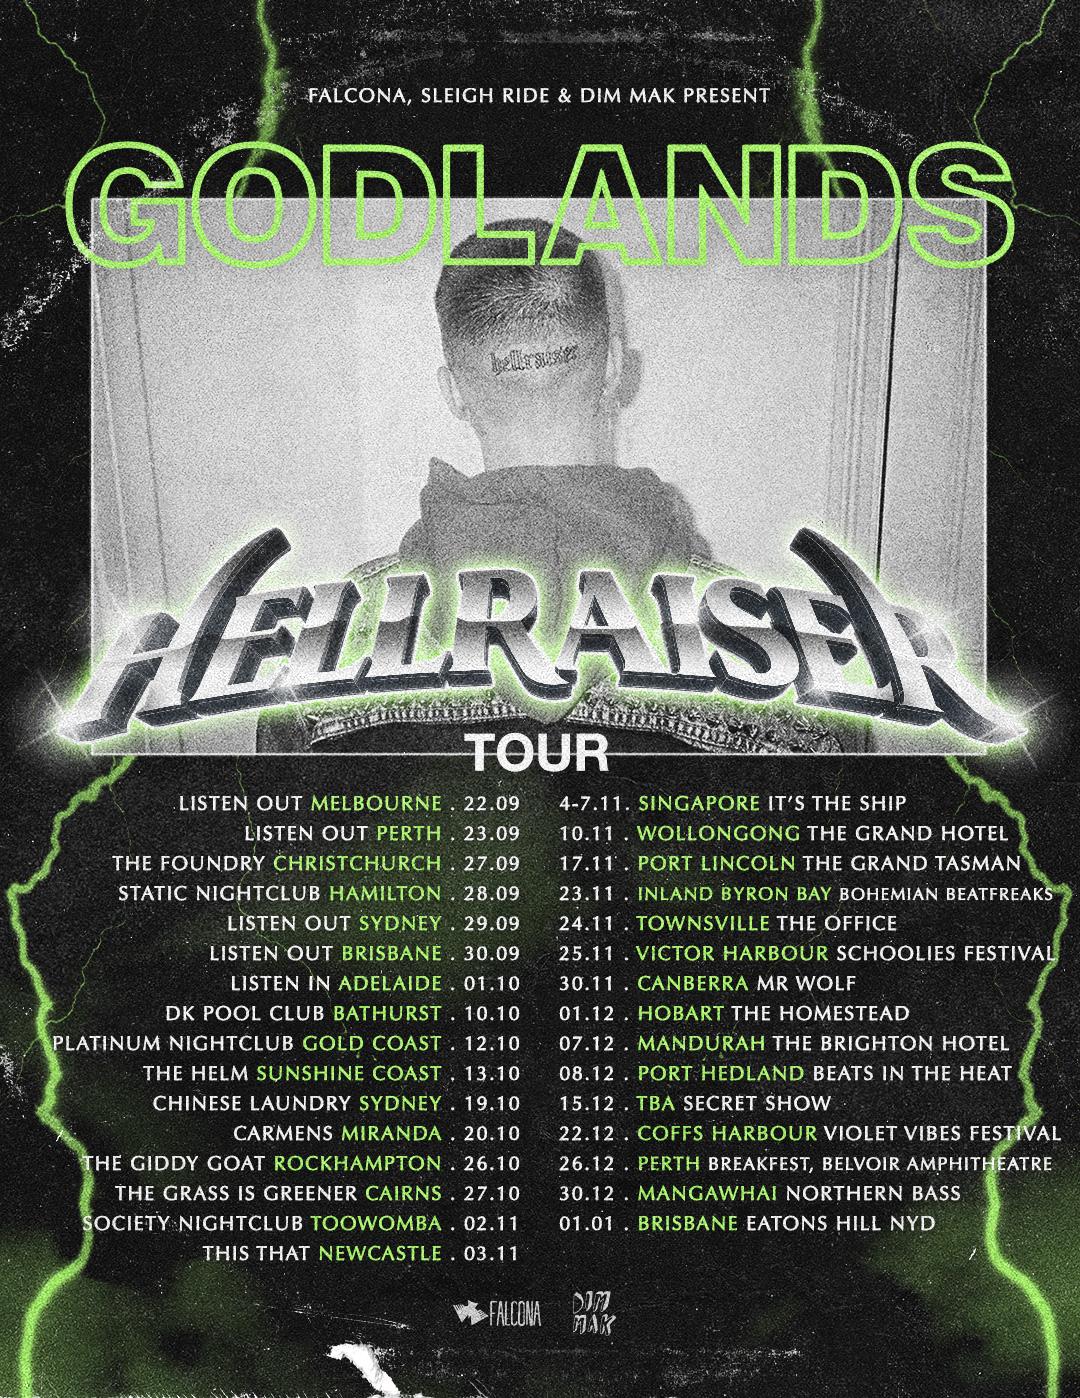 hellraiser_tour_fulltour_8.5x11.jpg